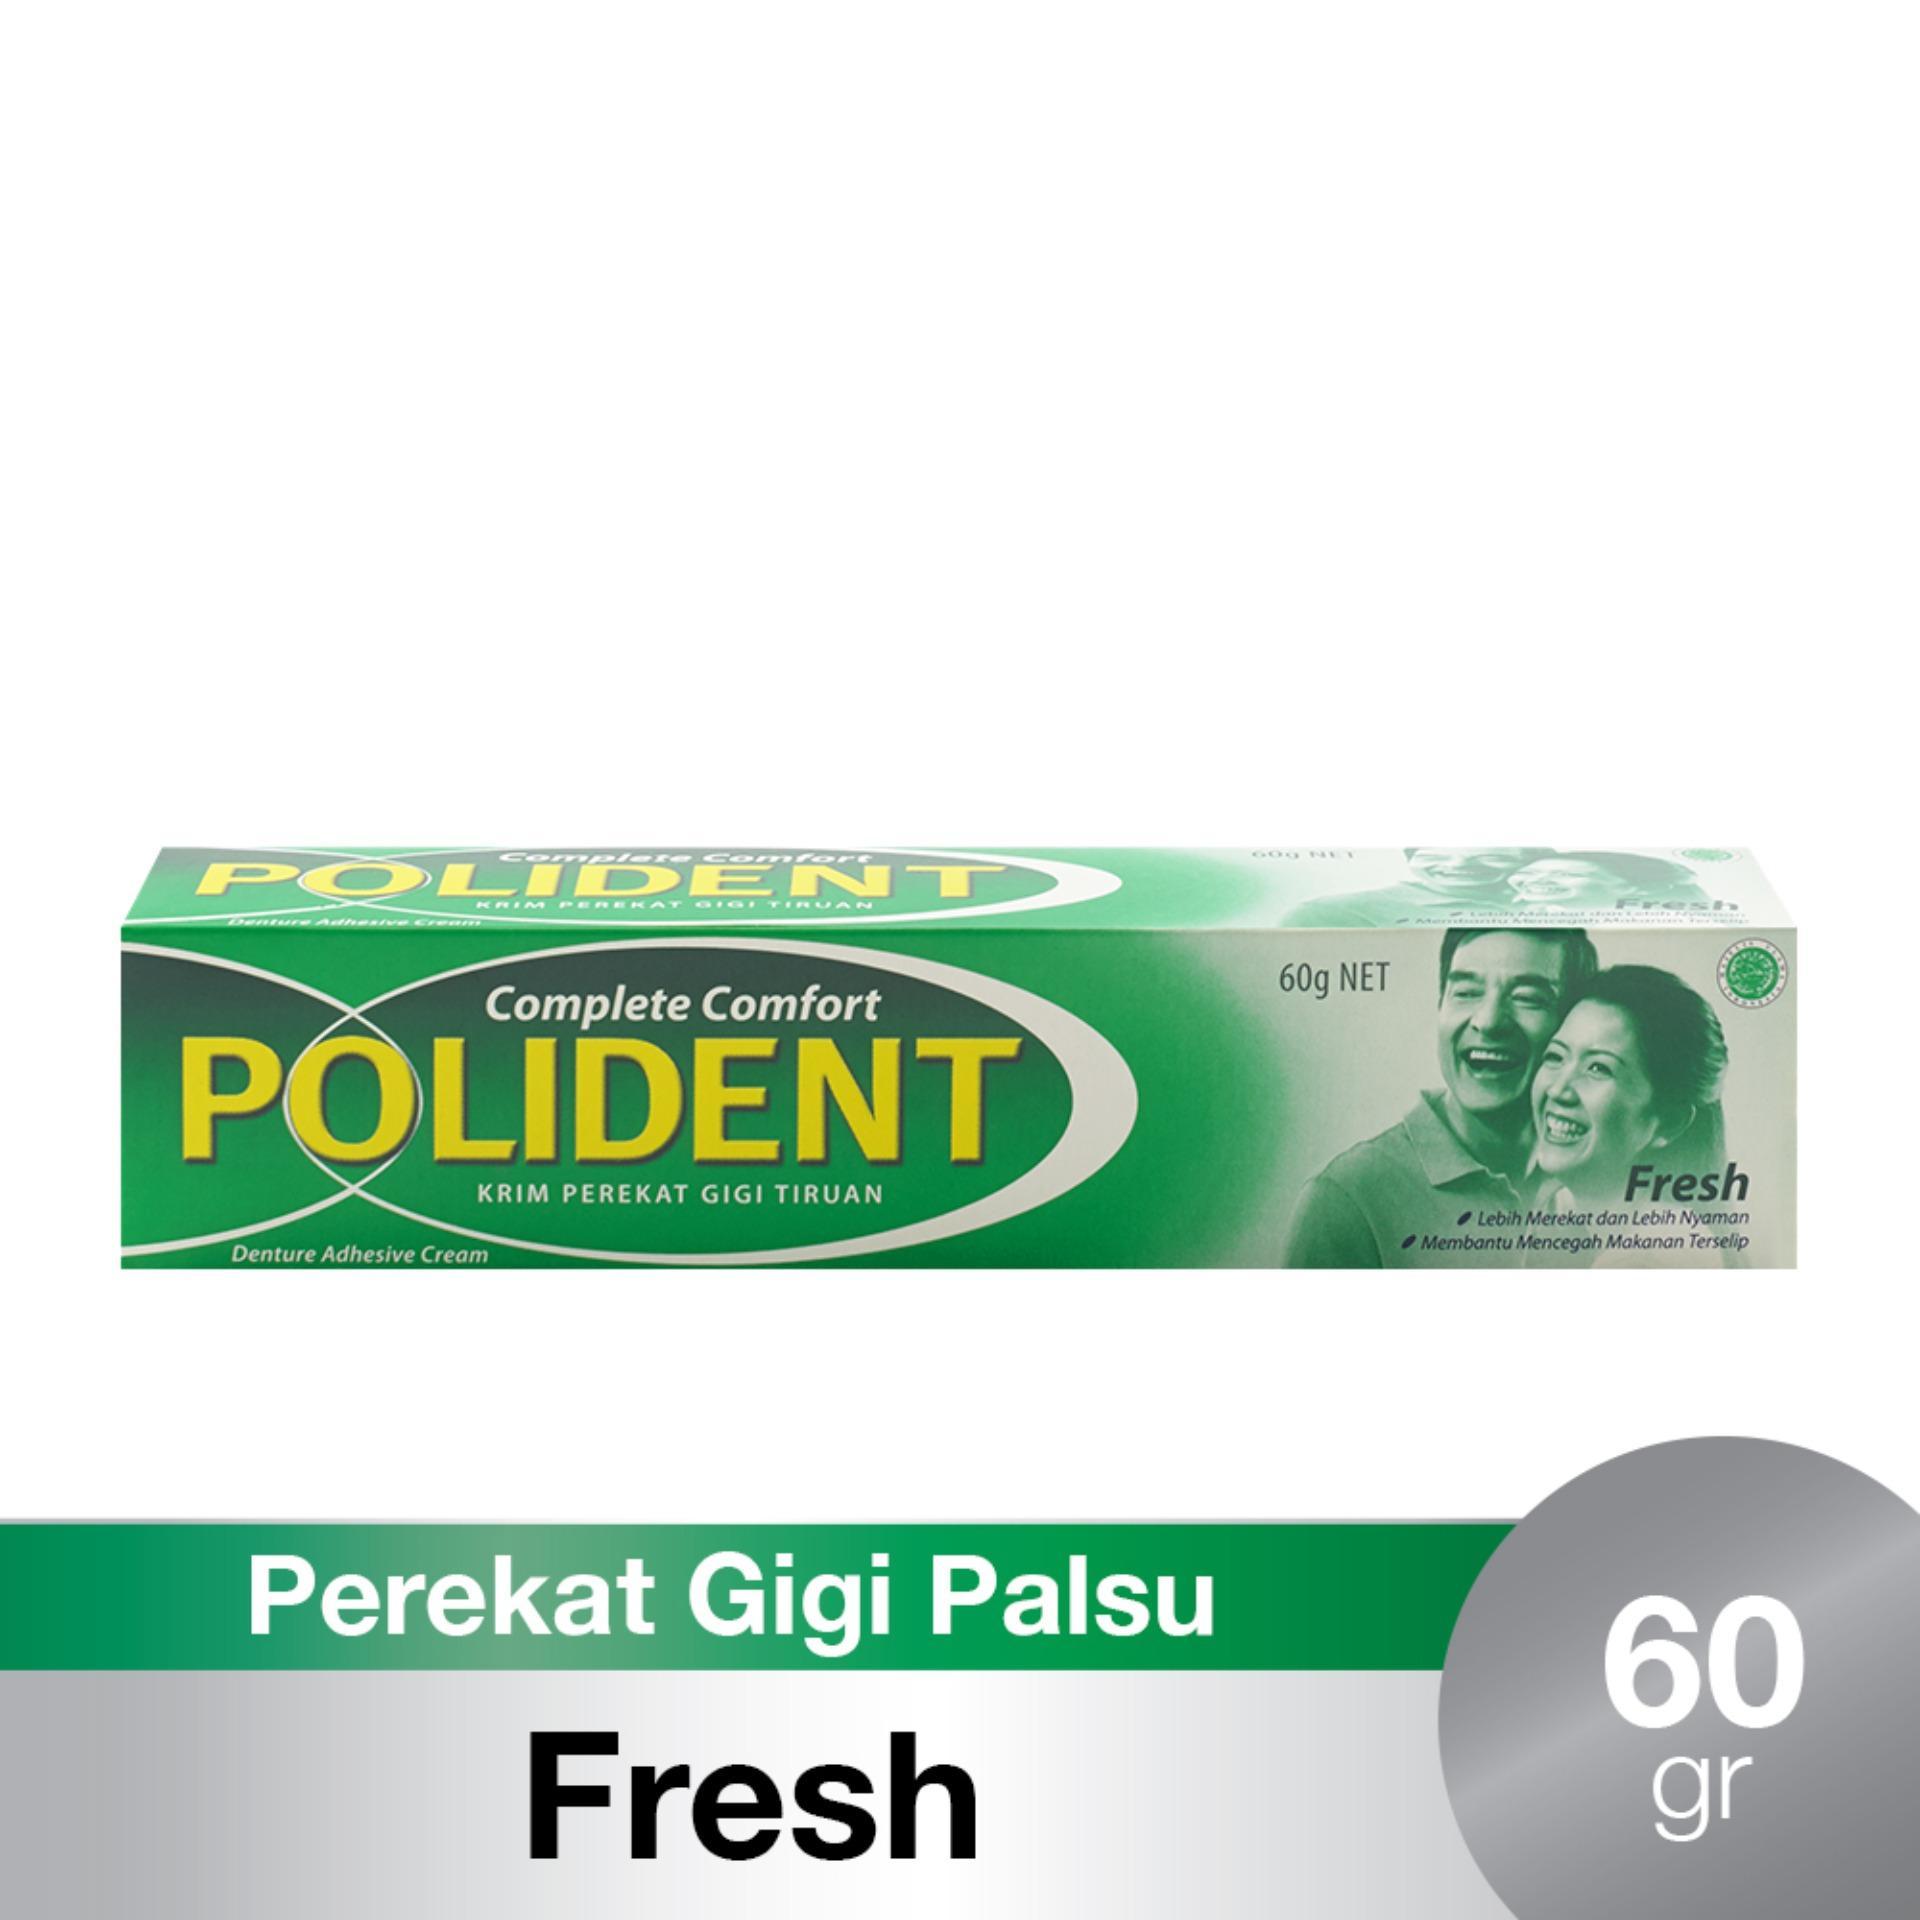 ... Caladine Powder Soft Comfort 60gr Daftar Harga Terbaru Dan Bedak Gatal Active Fresh 220 Gr Polident